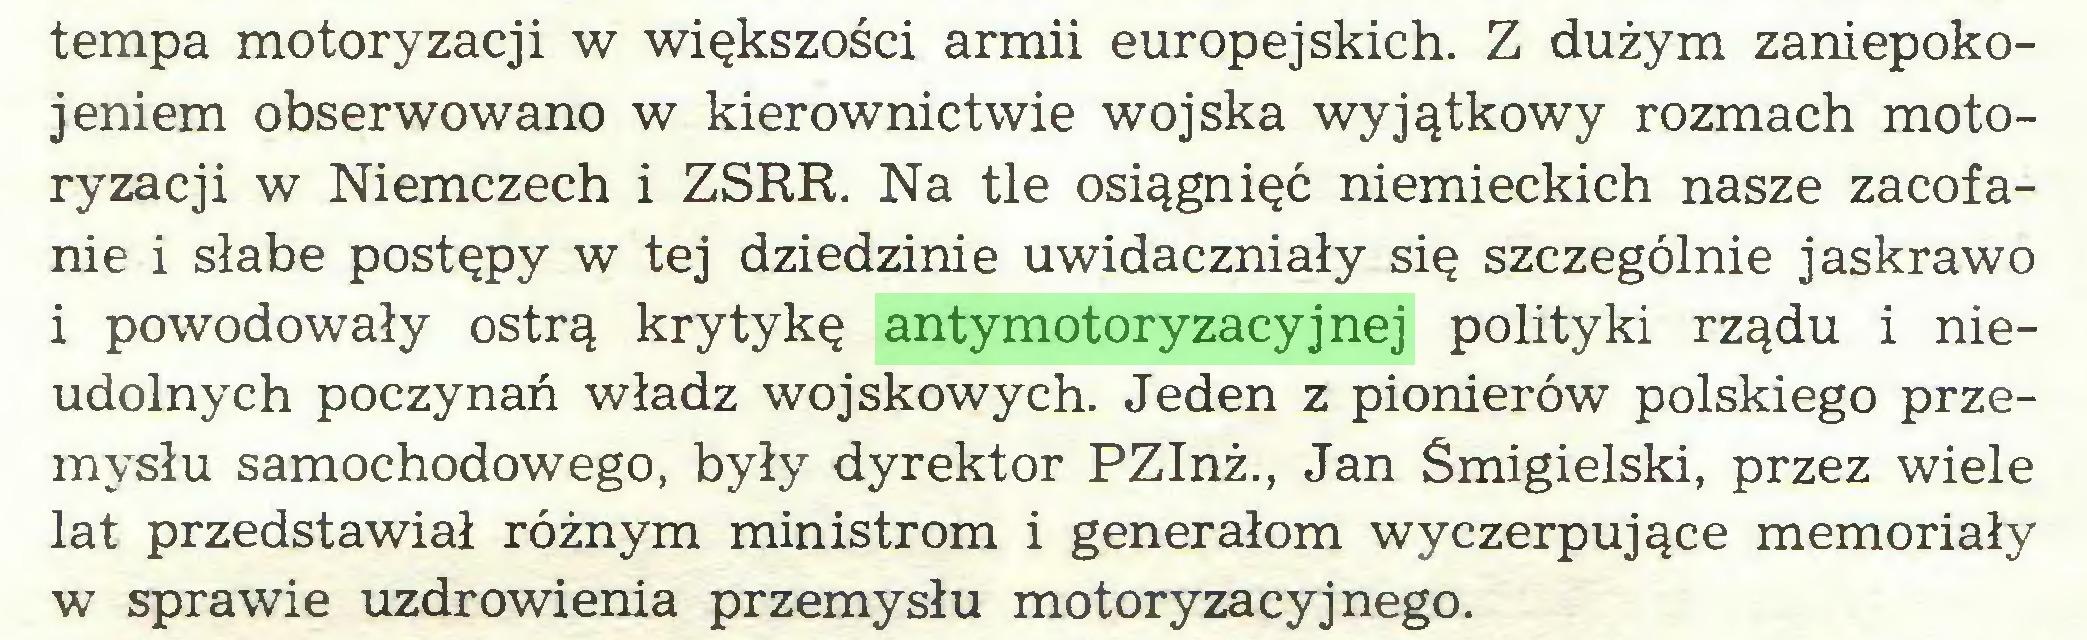 (...) tempa motoryzacji w większości armii europejskich. Z dużym zaniepokojeniem obserwowano w kierownictwie wojska wyjątkowy rozmach motoryzacji w Niemczech i ZSRR. Na tle osiągnięć niemieckich nasze zacofanie i słabe postępy w tej dziedzinie uwidaczniały się szczególnie jaskrawo i powodowały ostrą krytykę antymotoryzacyjnej polityki rządu i nieudolnych poczynań władz wojskowych. Jeden z pionierów polskiego przemysłu samochodowego, były dyrektor PZInż., Jan Śmigielski, przez wiele lat przedstawiał różnym ministrom i generałom wyczerpujące memoriały w sprawie uzdrowienia przemysłu motoryzacyjnego...